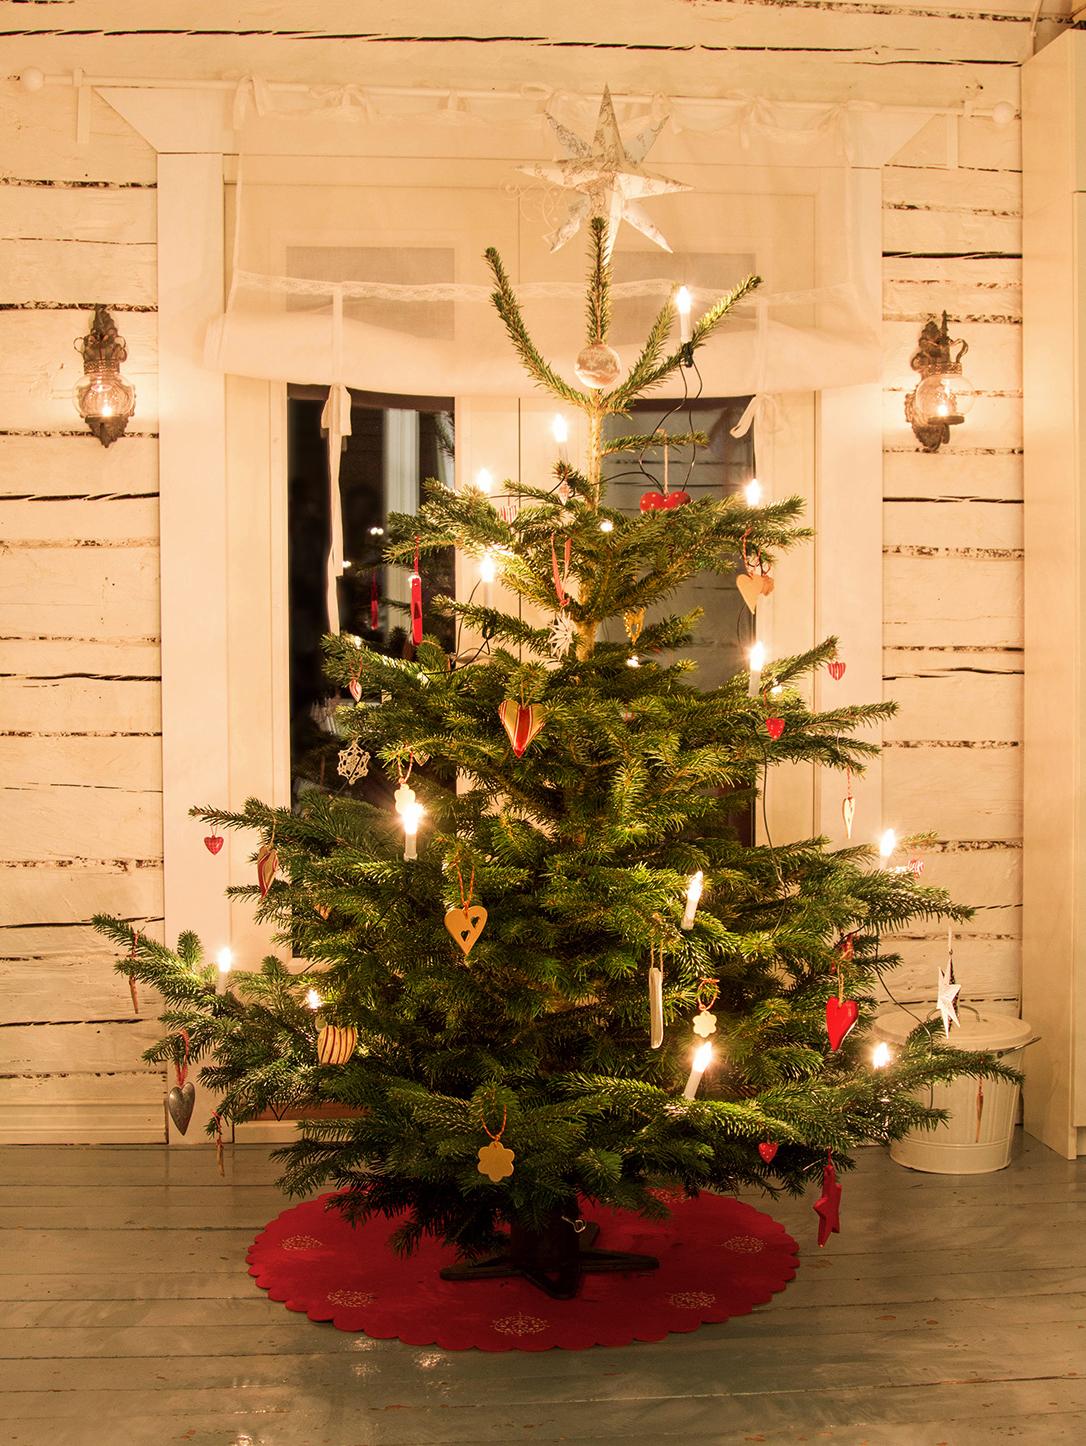 pieni-talo-pirkanmaalla-joulu-kuusi_1